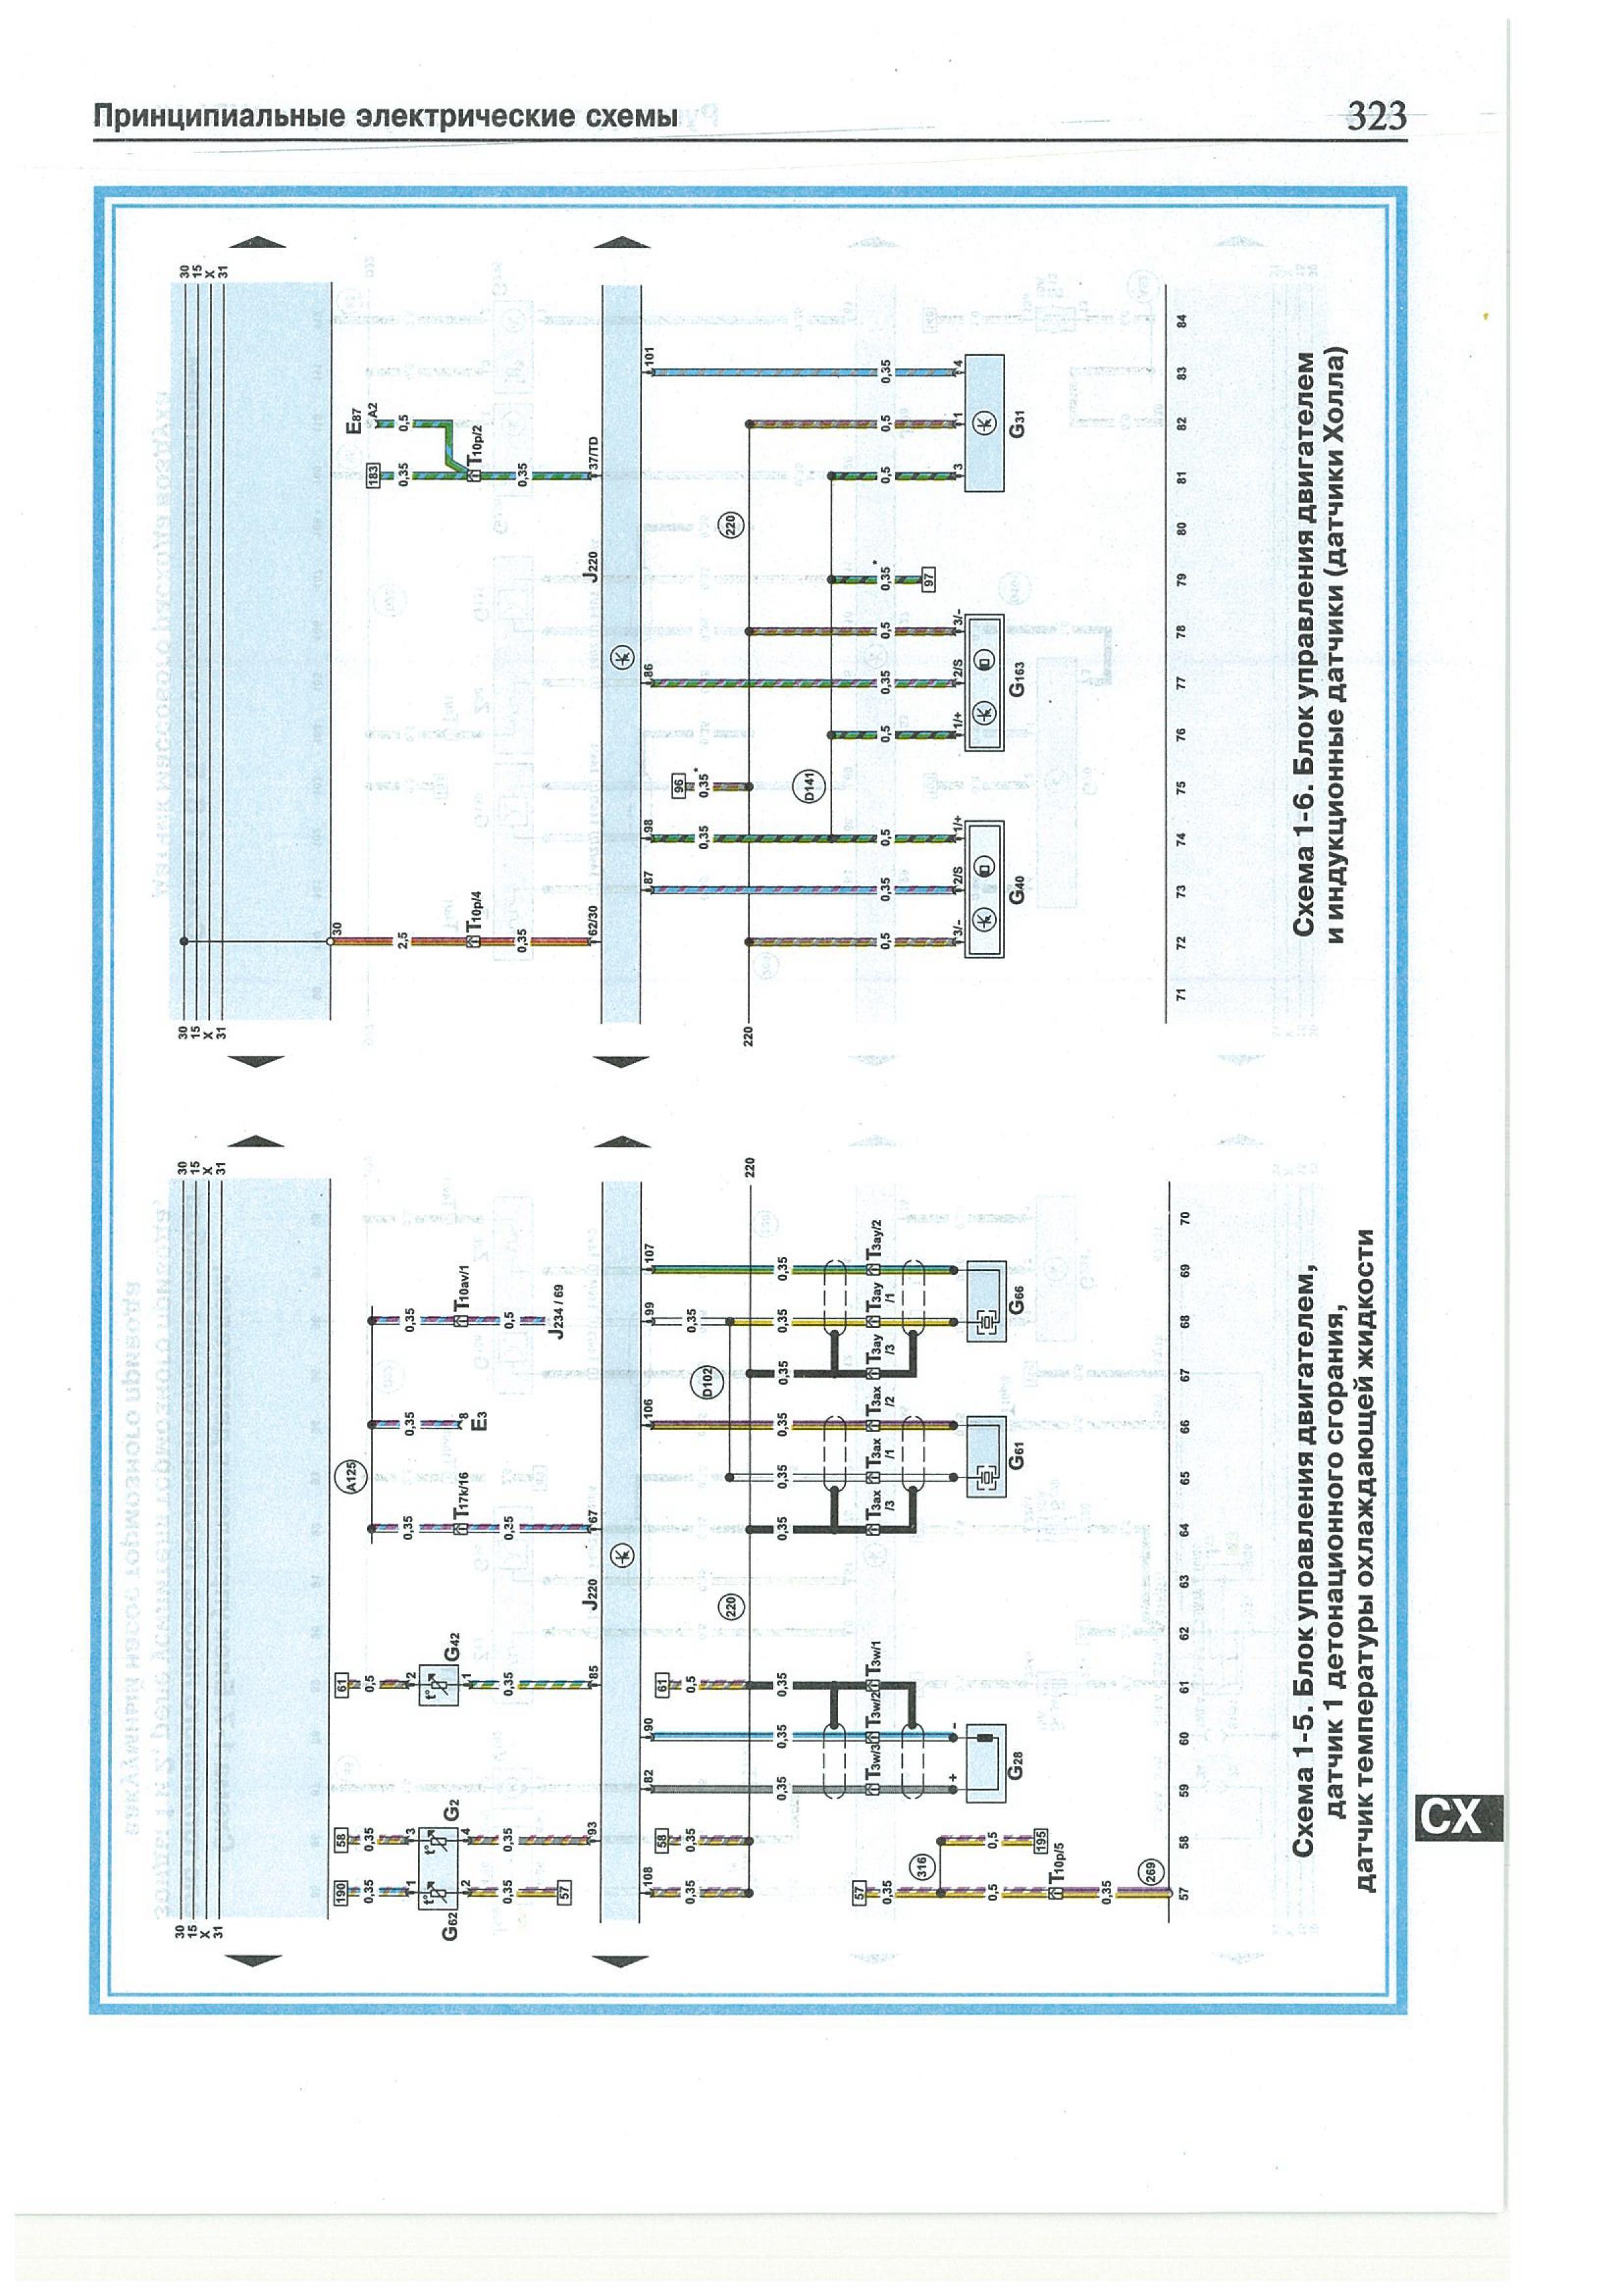 Принципиальные схемы микроволновых печей схема5